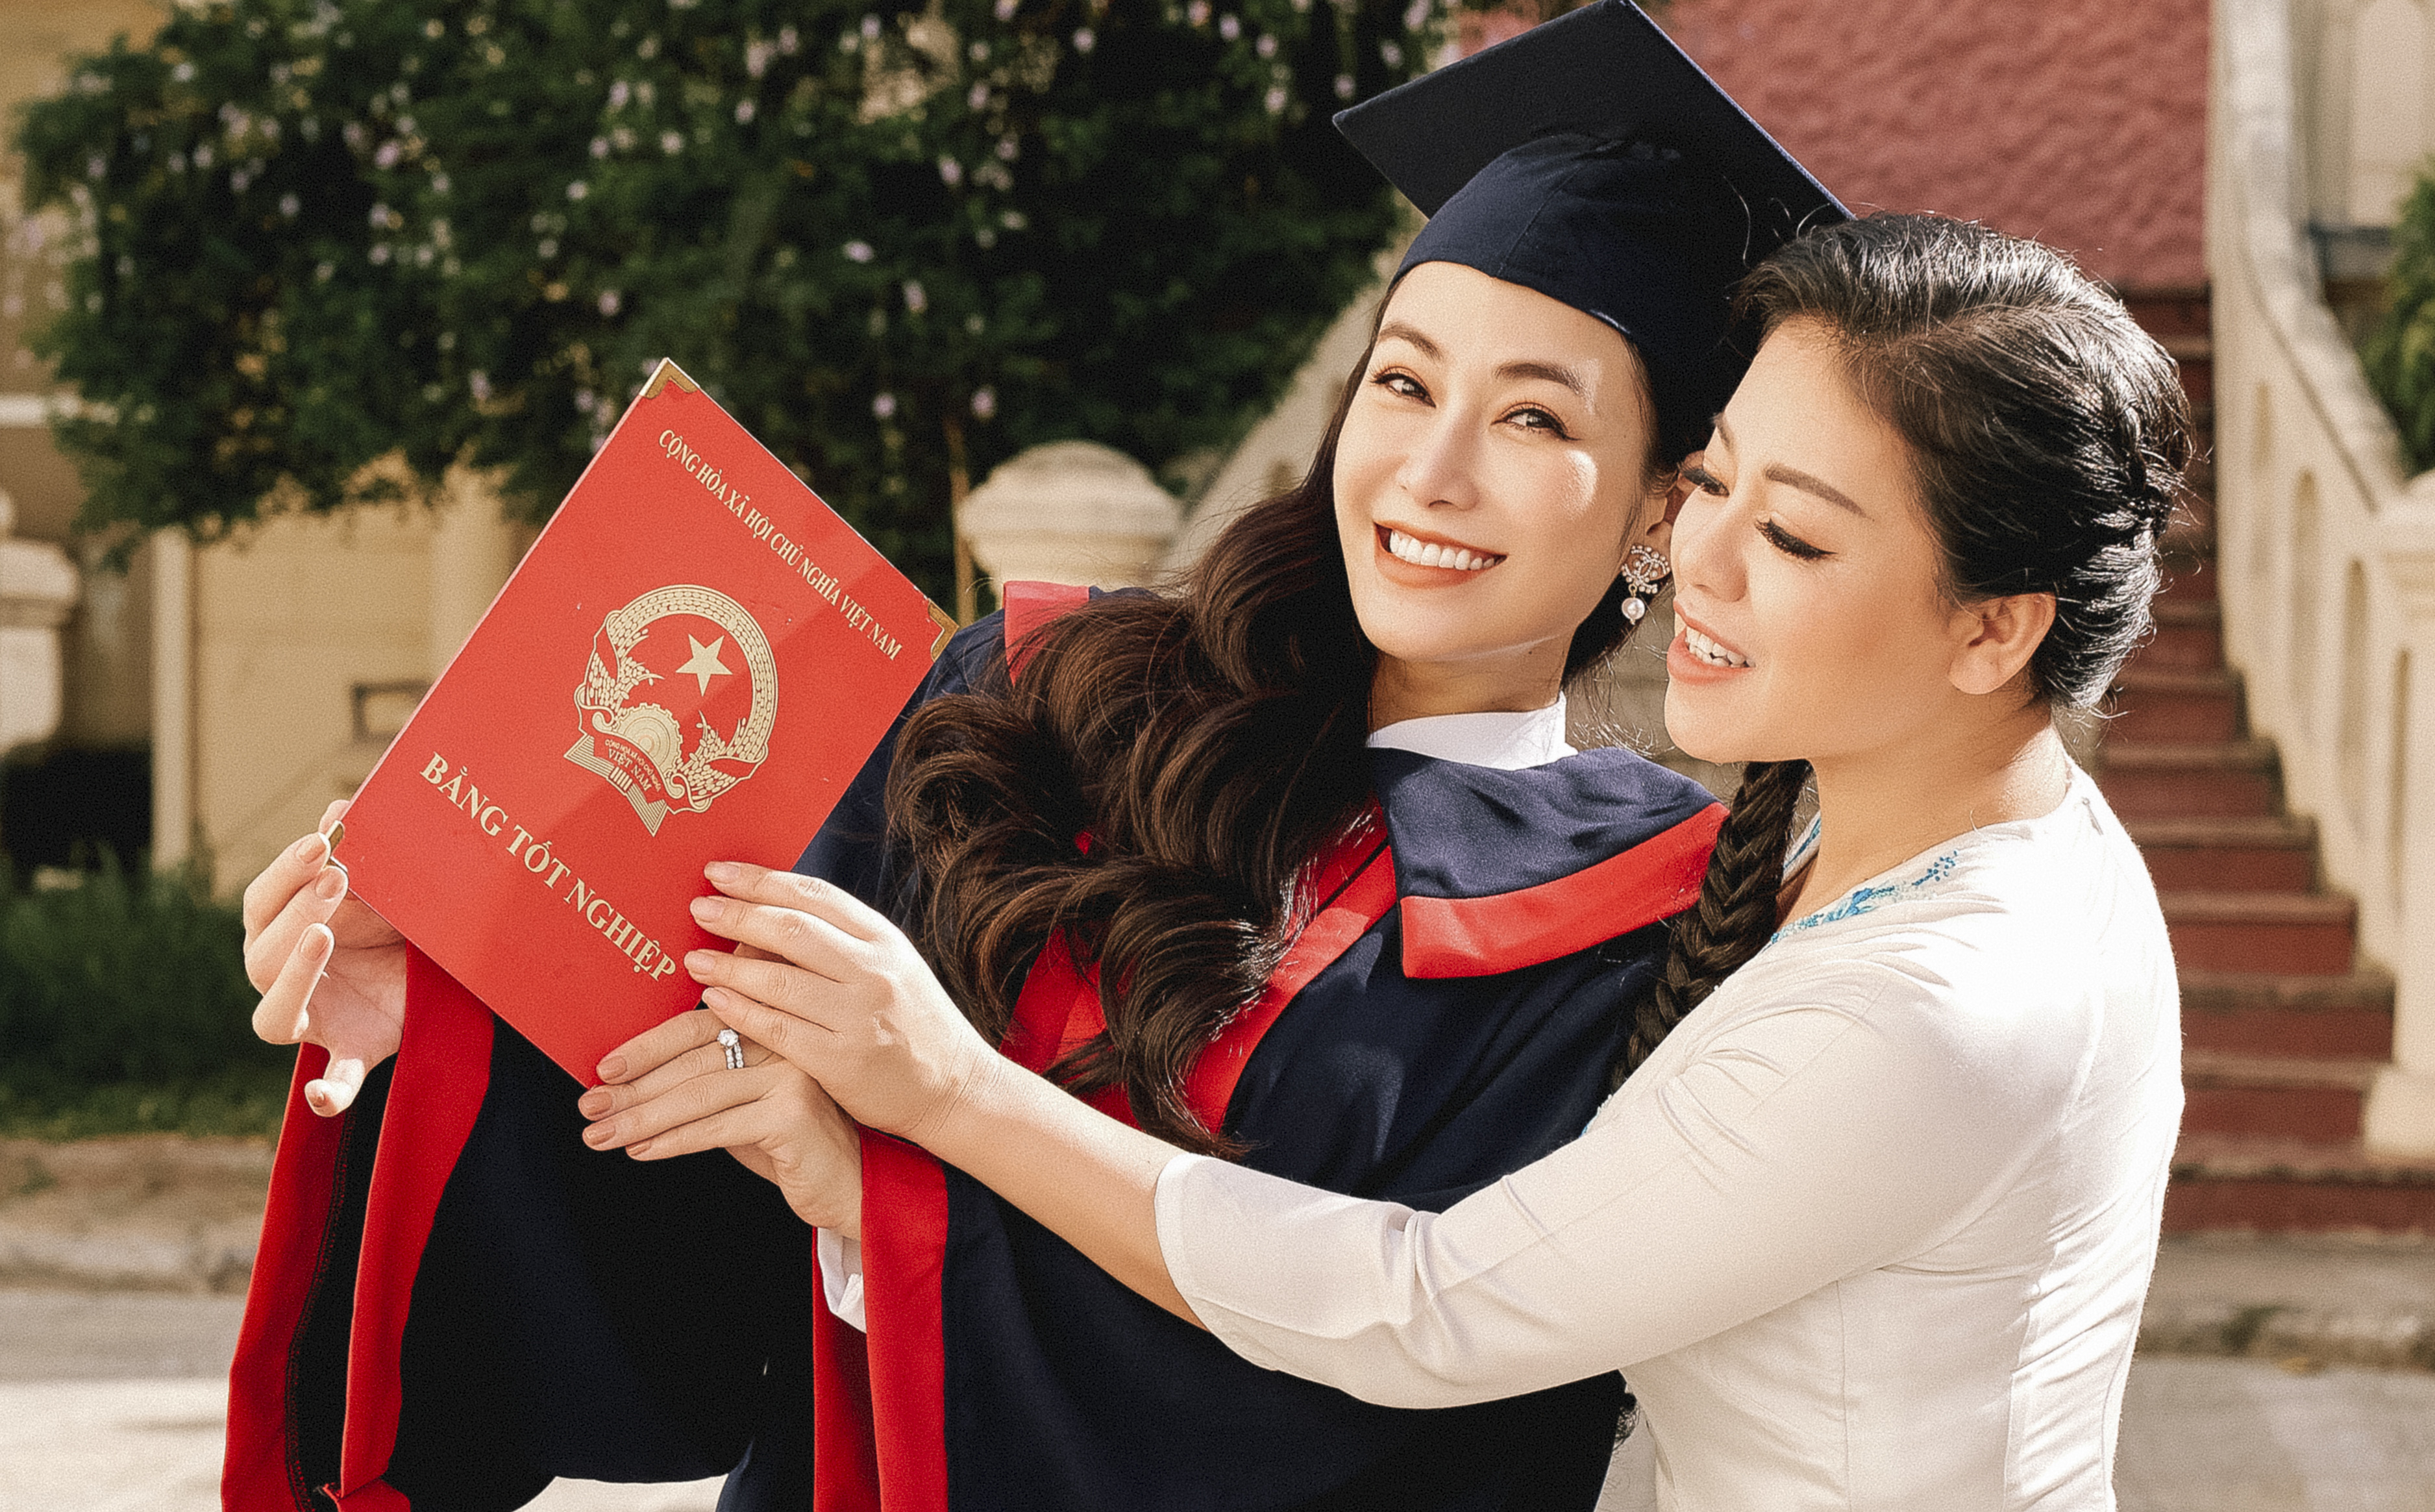 Tuyết Nga tốt nghiệp Học viện Âm nhạc, dành nhiều lời khen cho Anh Thơ